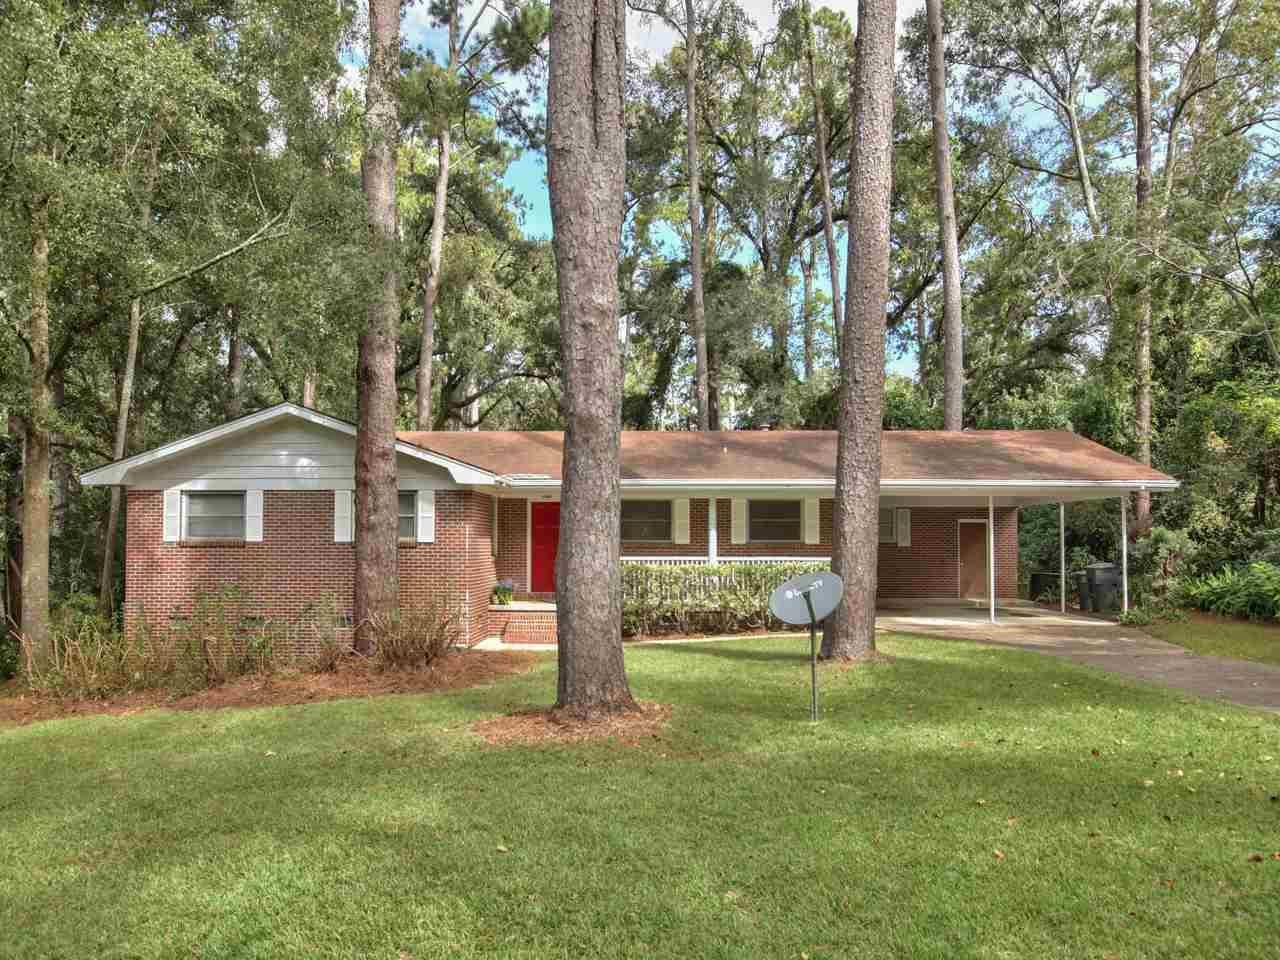 Photo of 1704 Myrick Road, TALLAHASSEE, FL 32303 (MLS # 325038)